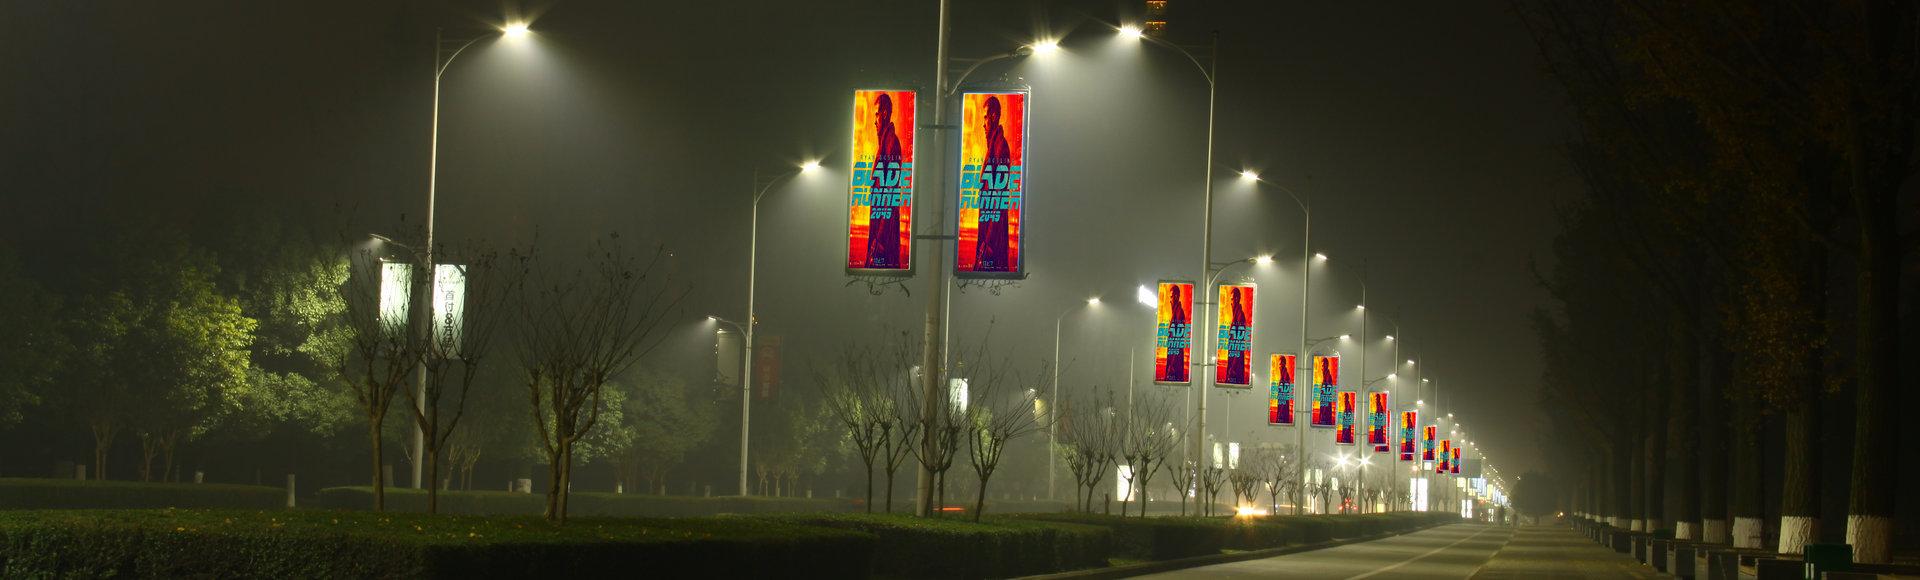 Header Street Light Pole LED Display